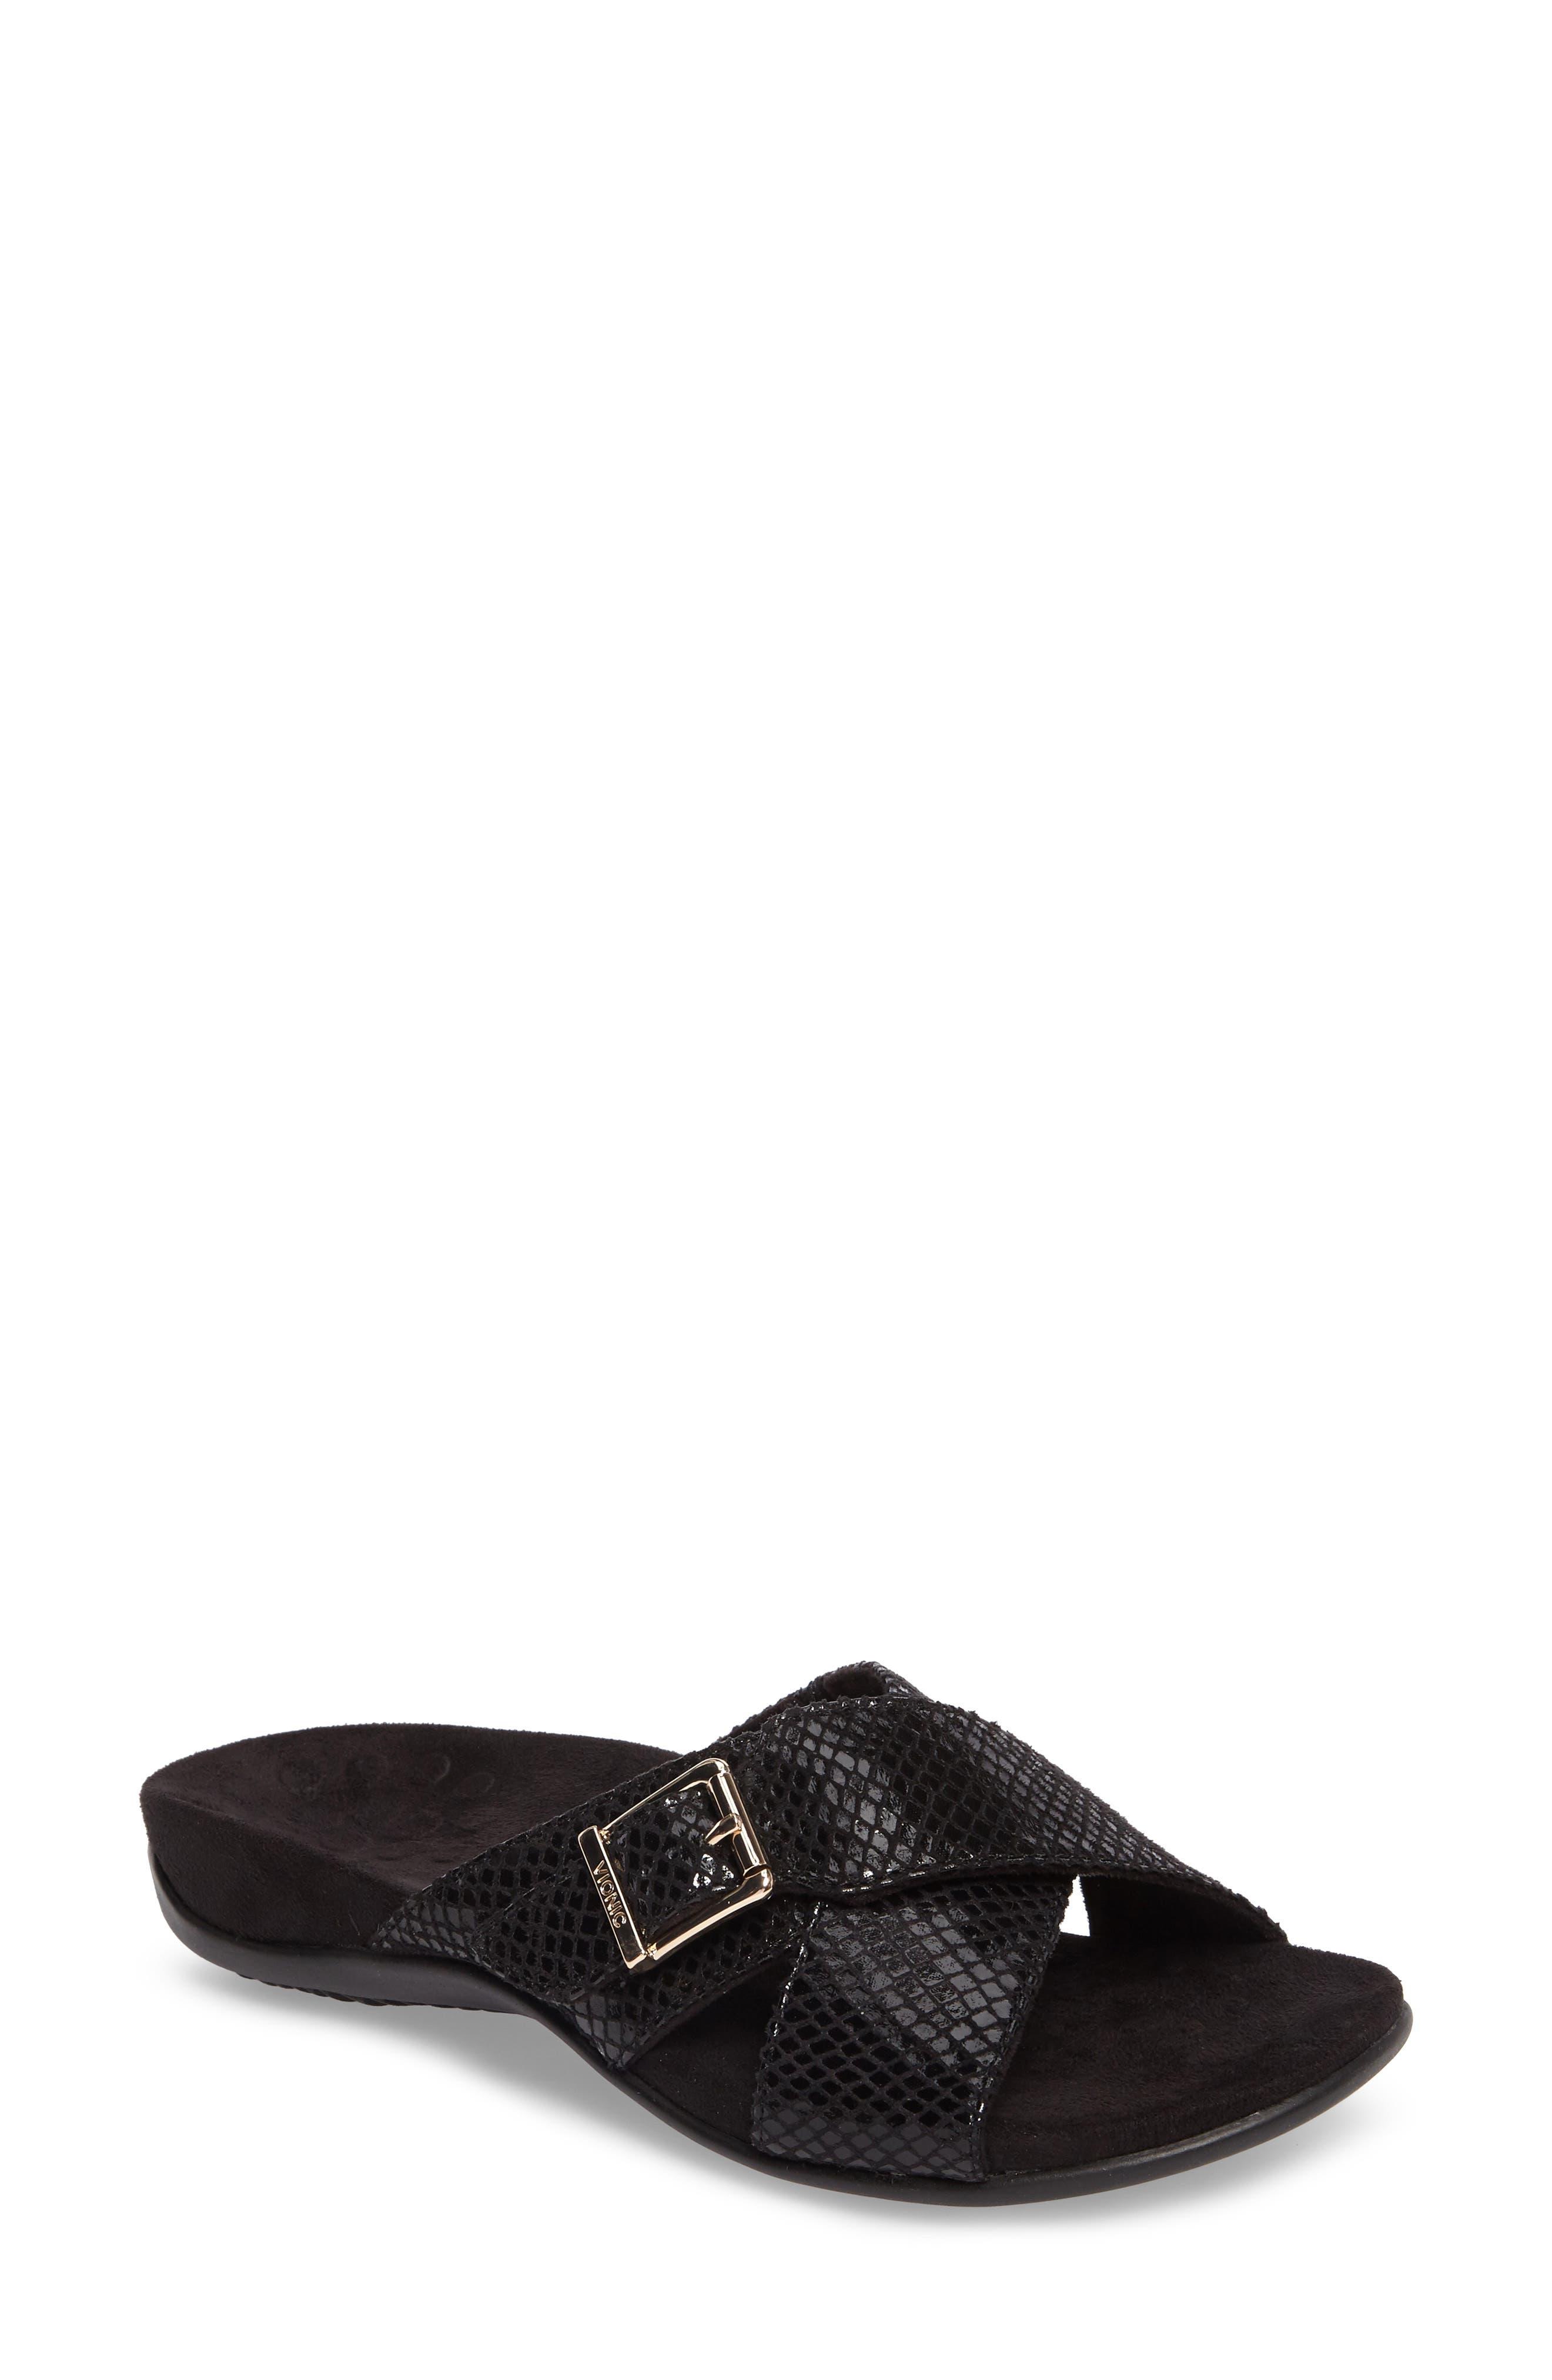 Alternate Image 1 Selected - Vionic Dorie Cross Strap Slide Sandal (Women)